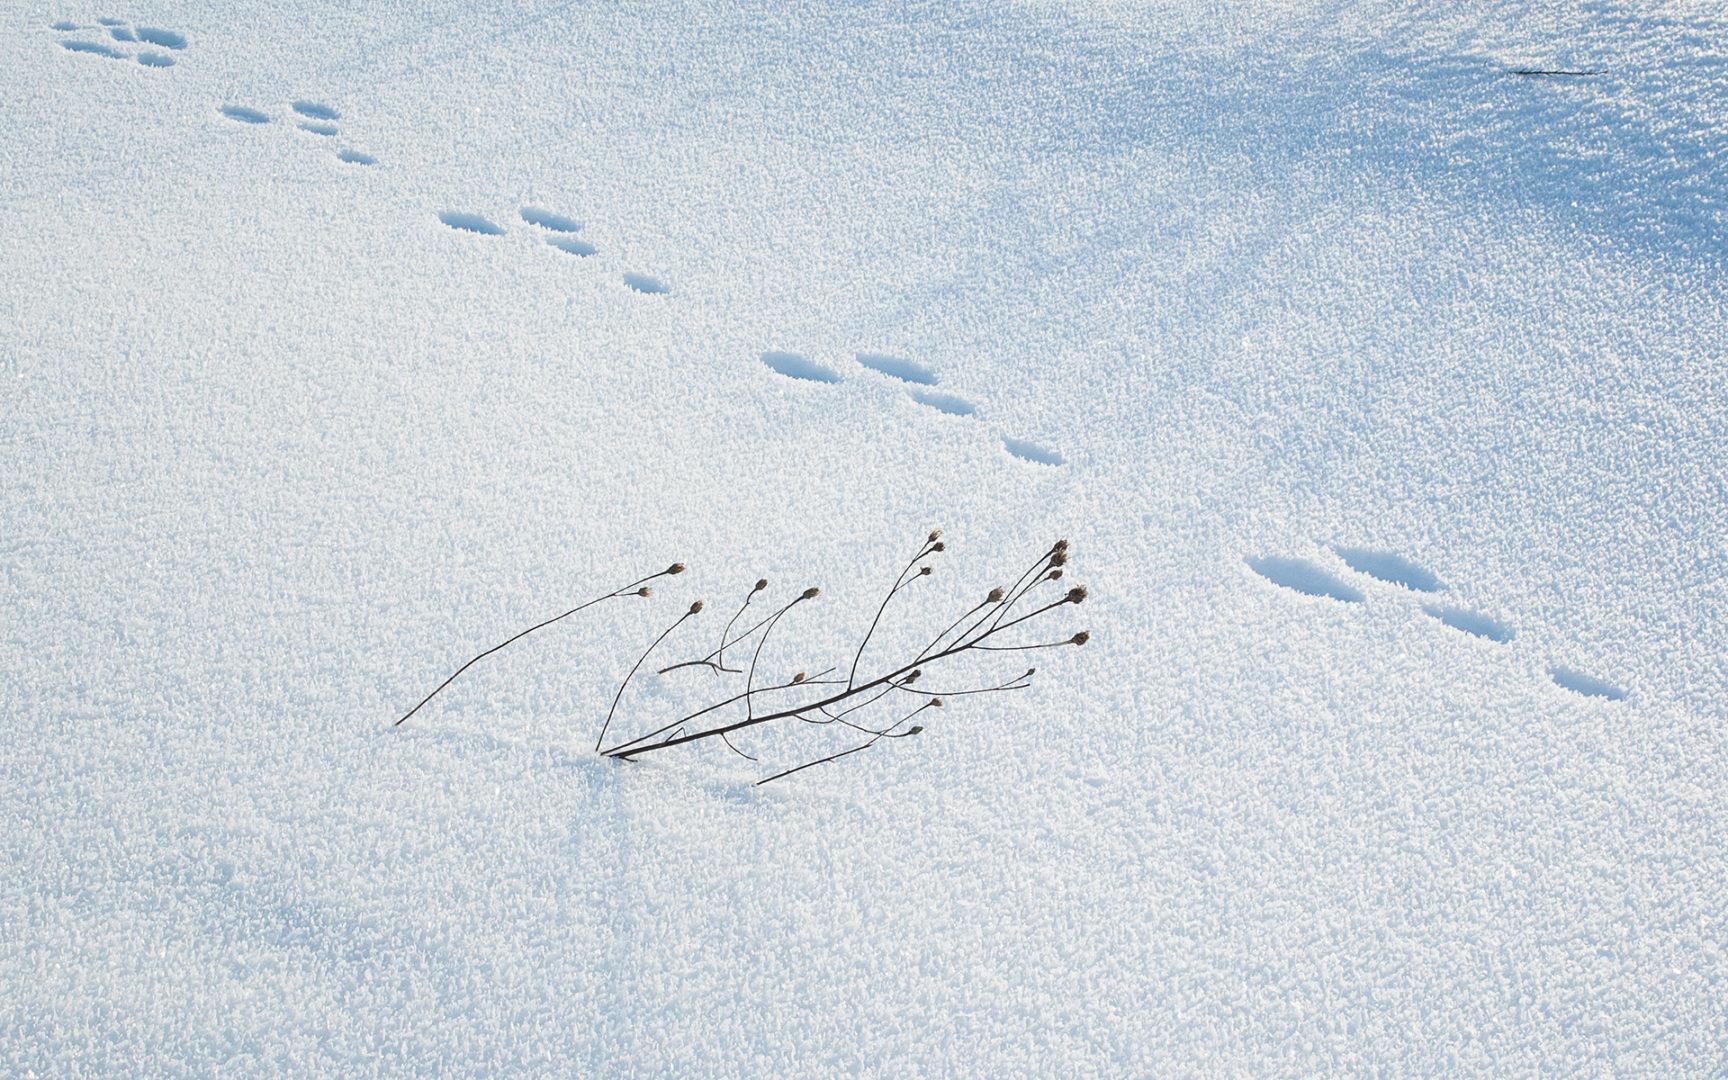 Lumijälkiä seuraamalla voi tutkia metsän eläinten liikkeitä.